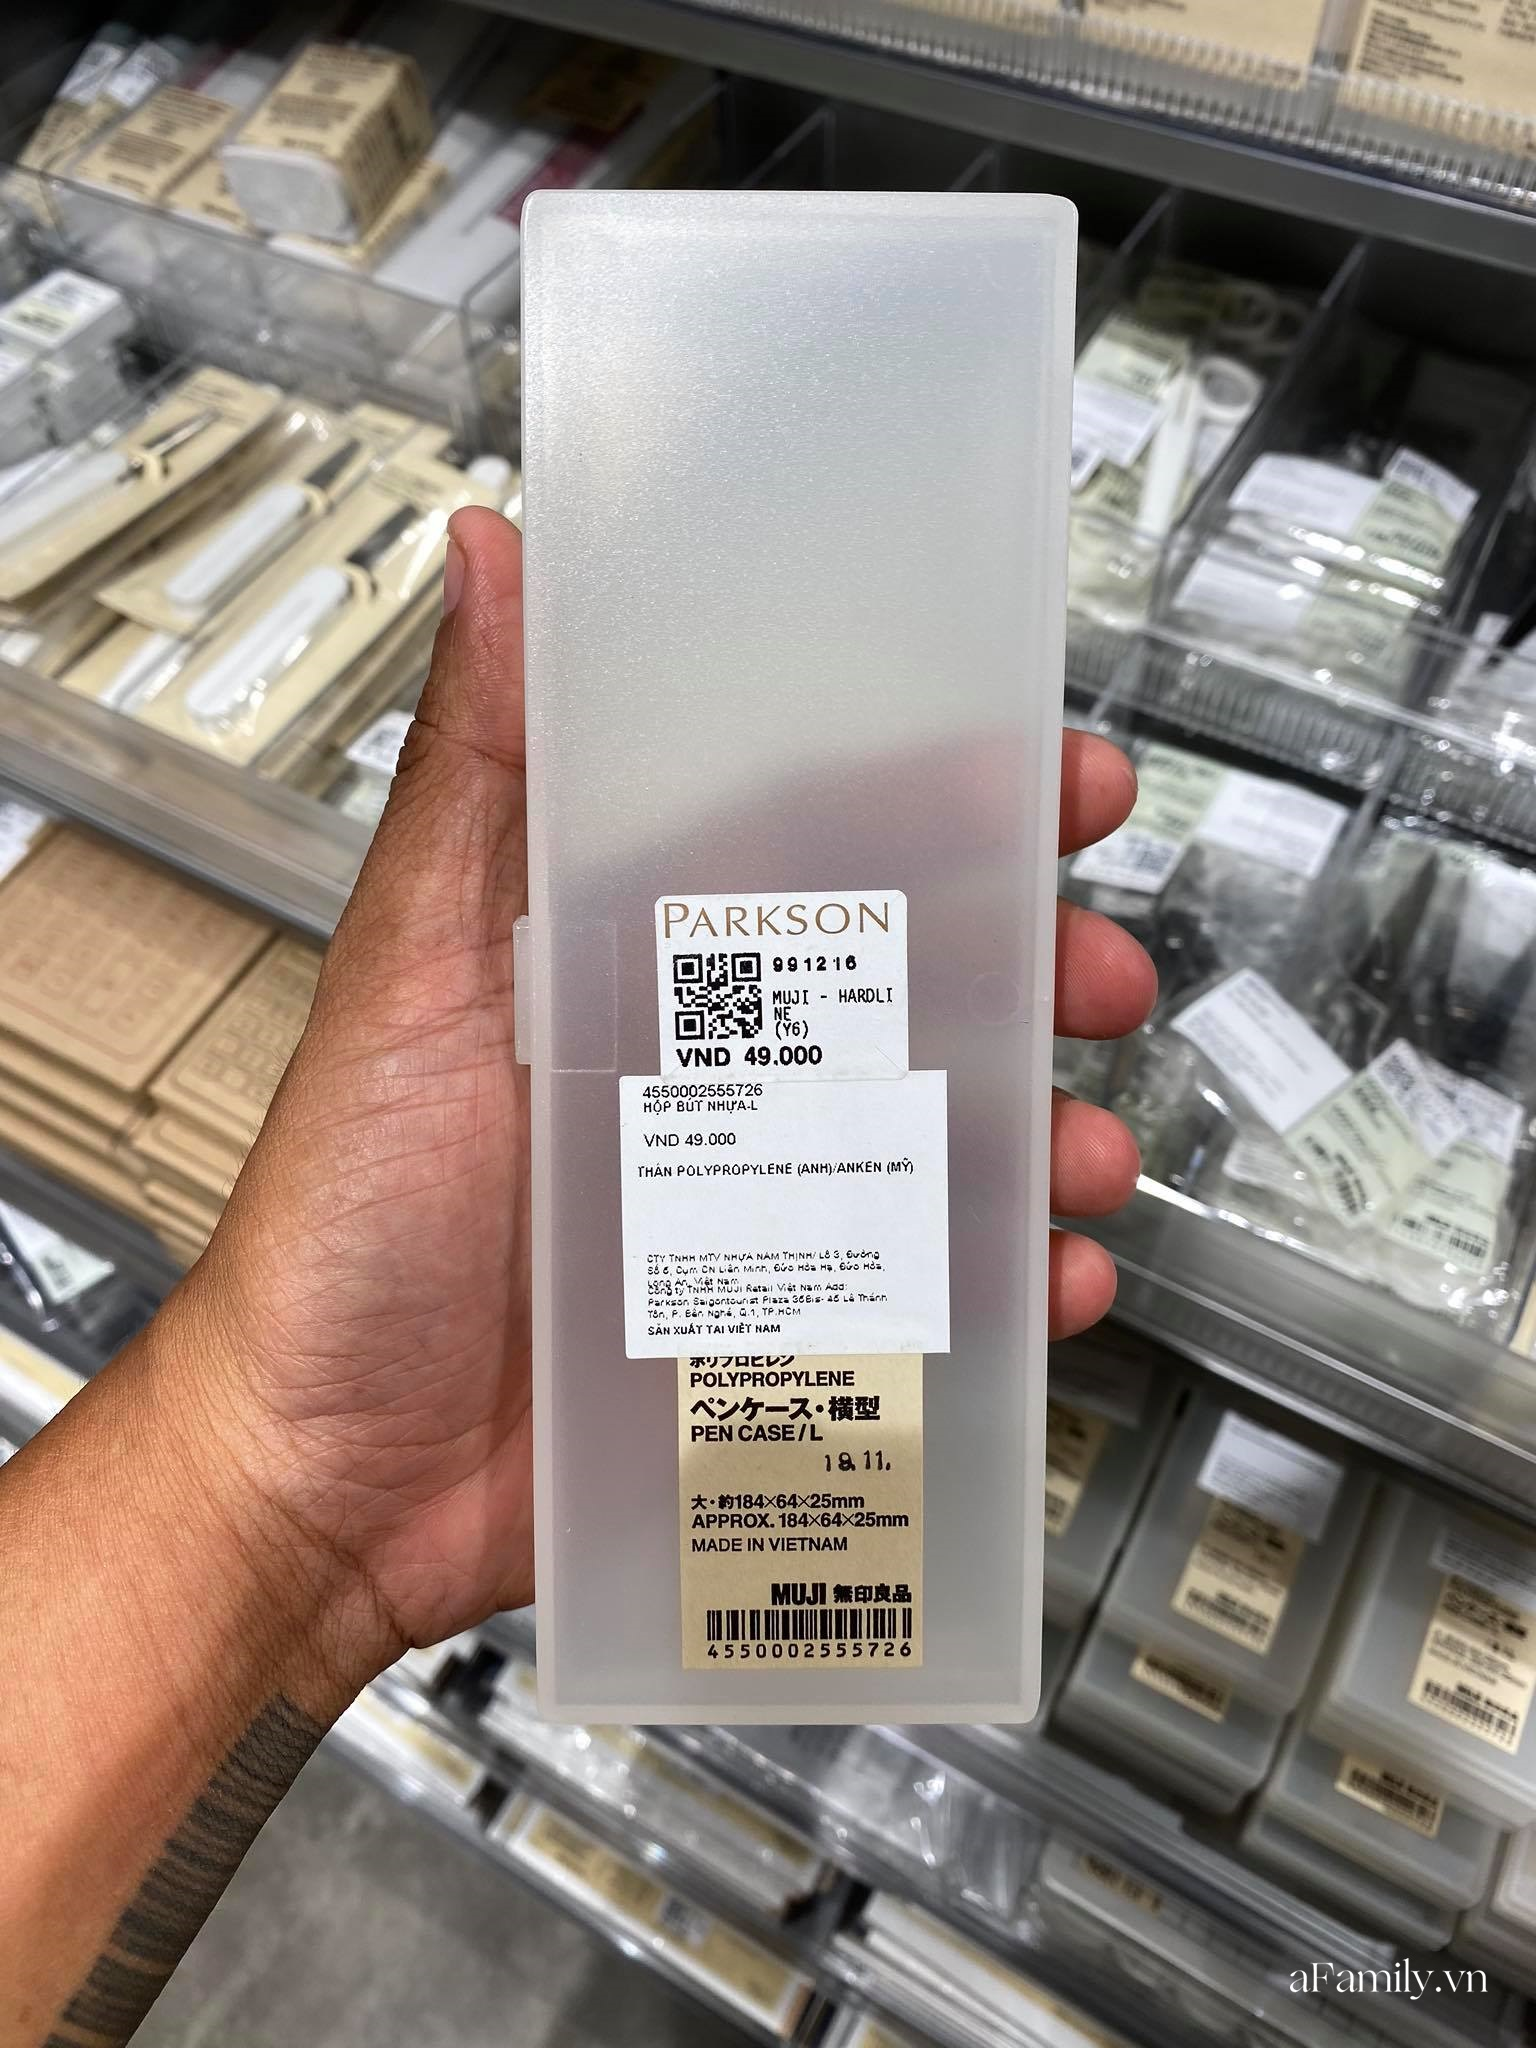 """Ra Muji sắm đồ văn phòng phẩm và gia dụng chất lượng không sợ lỗi mốt, nhiều món còn độc quyền nhưng giá bán còn khá """"sượng"""" - Ảnh 8."""